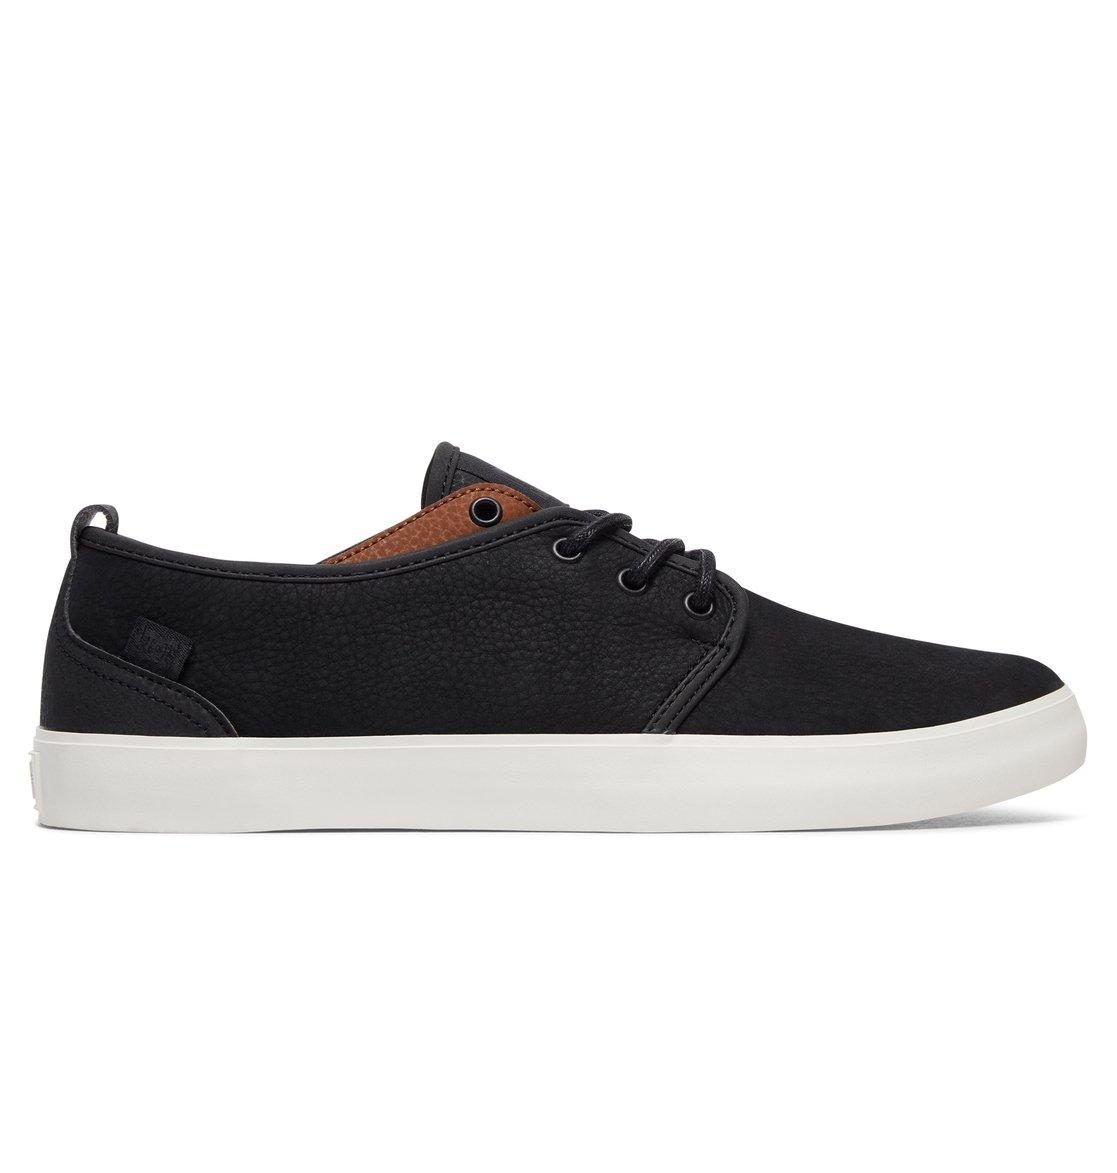 Le 2 0 Heren Adys300414 Voor Dc Schoenen Studio Black Shoes gHEqxRqw5